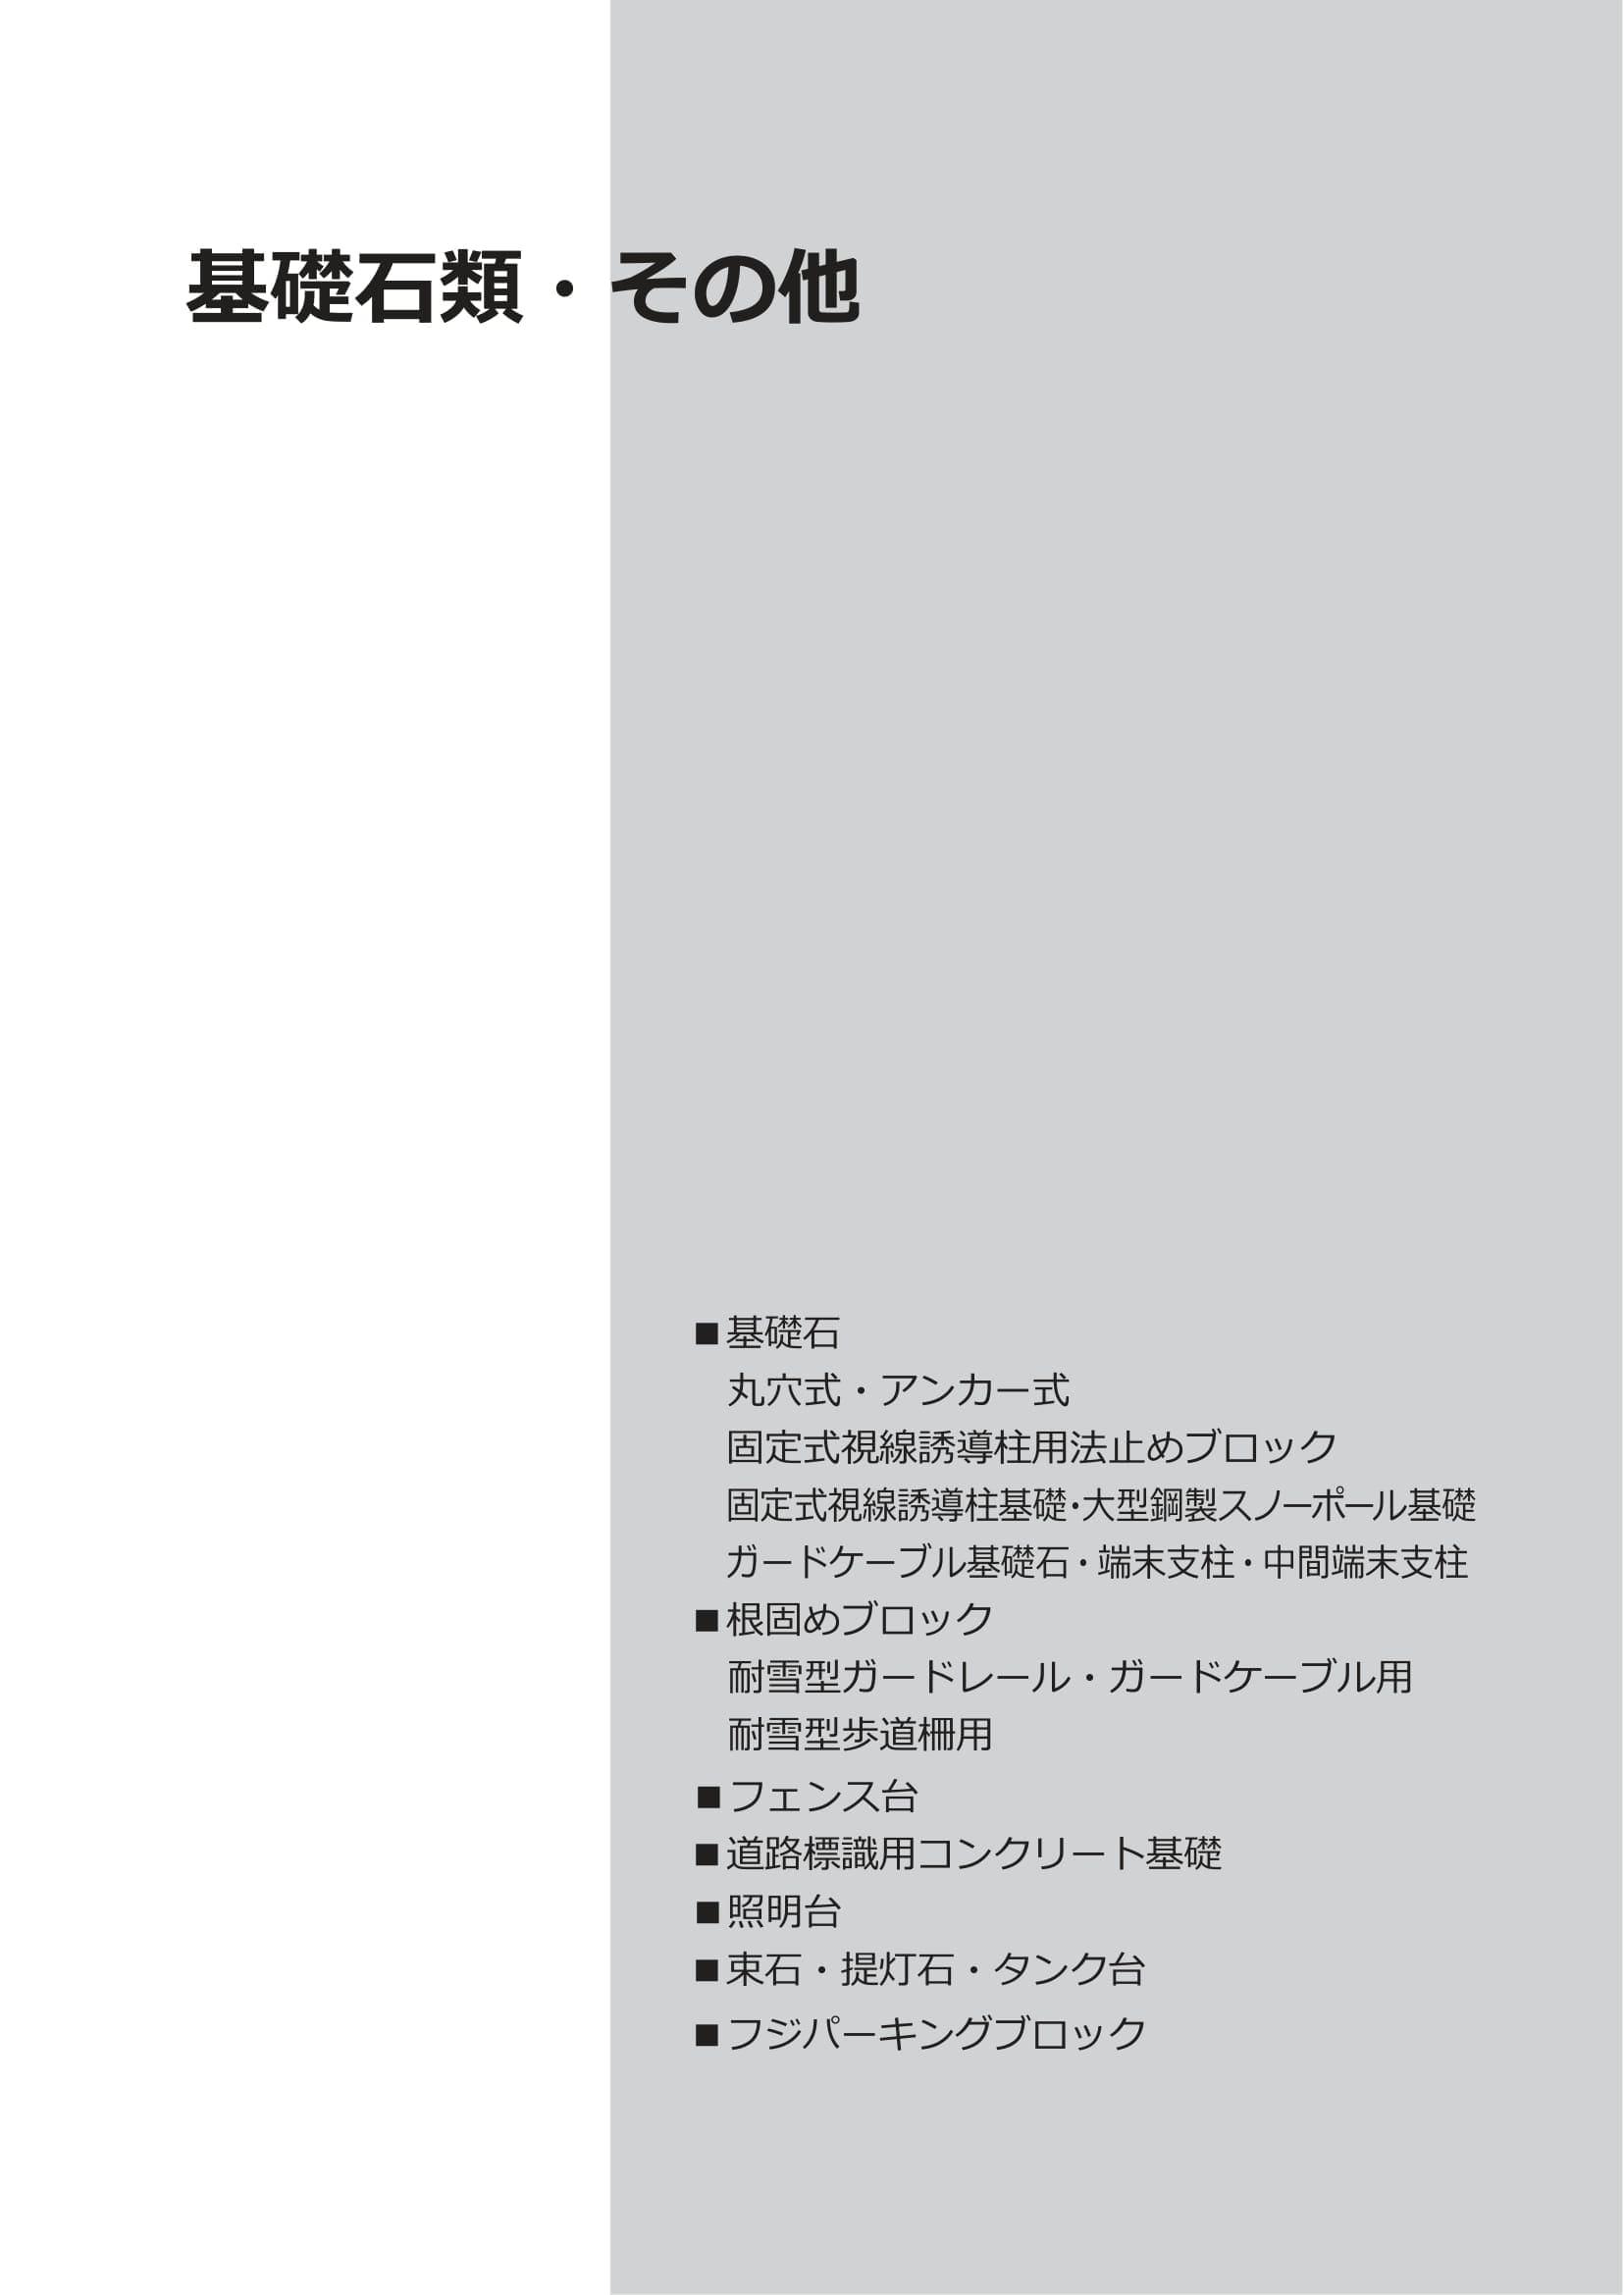 富士コンクリート/基礎石類WEBカタログ